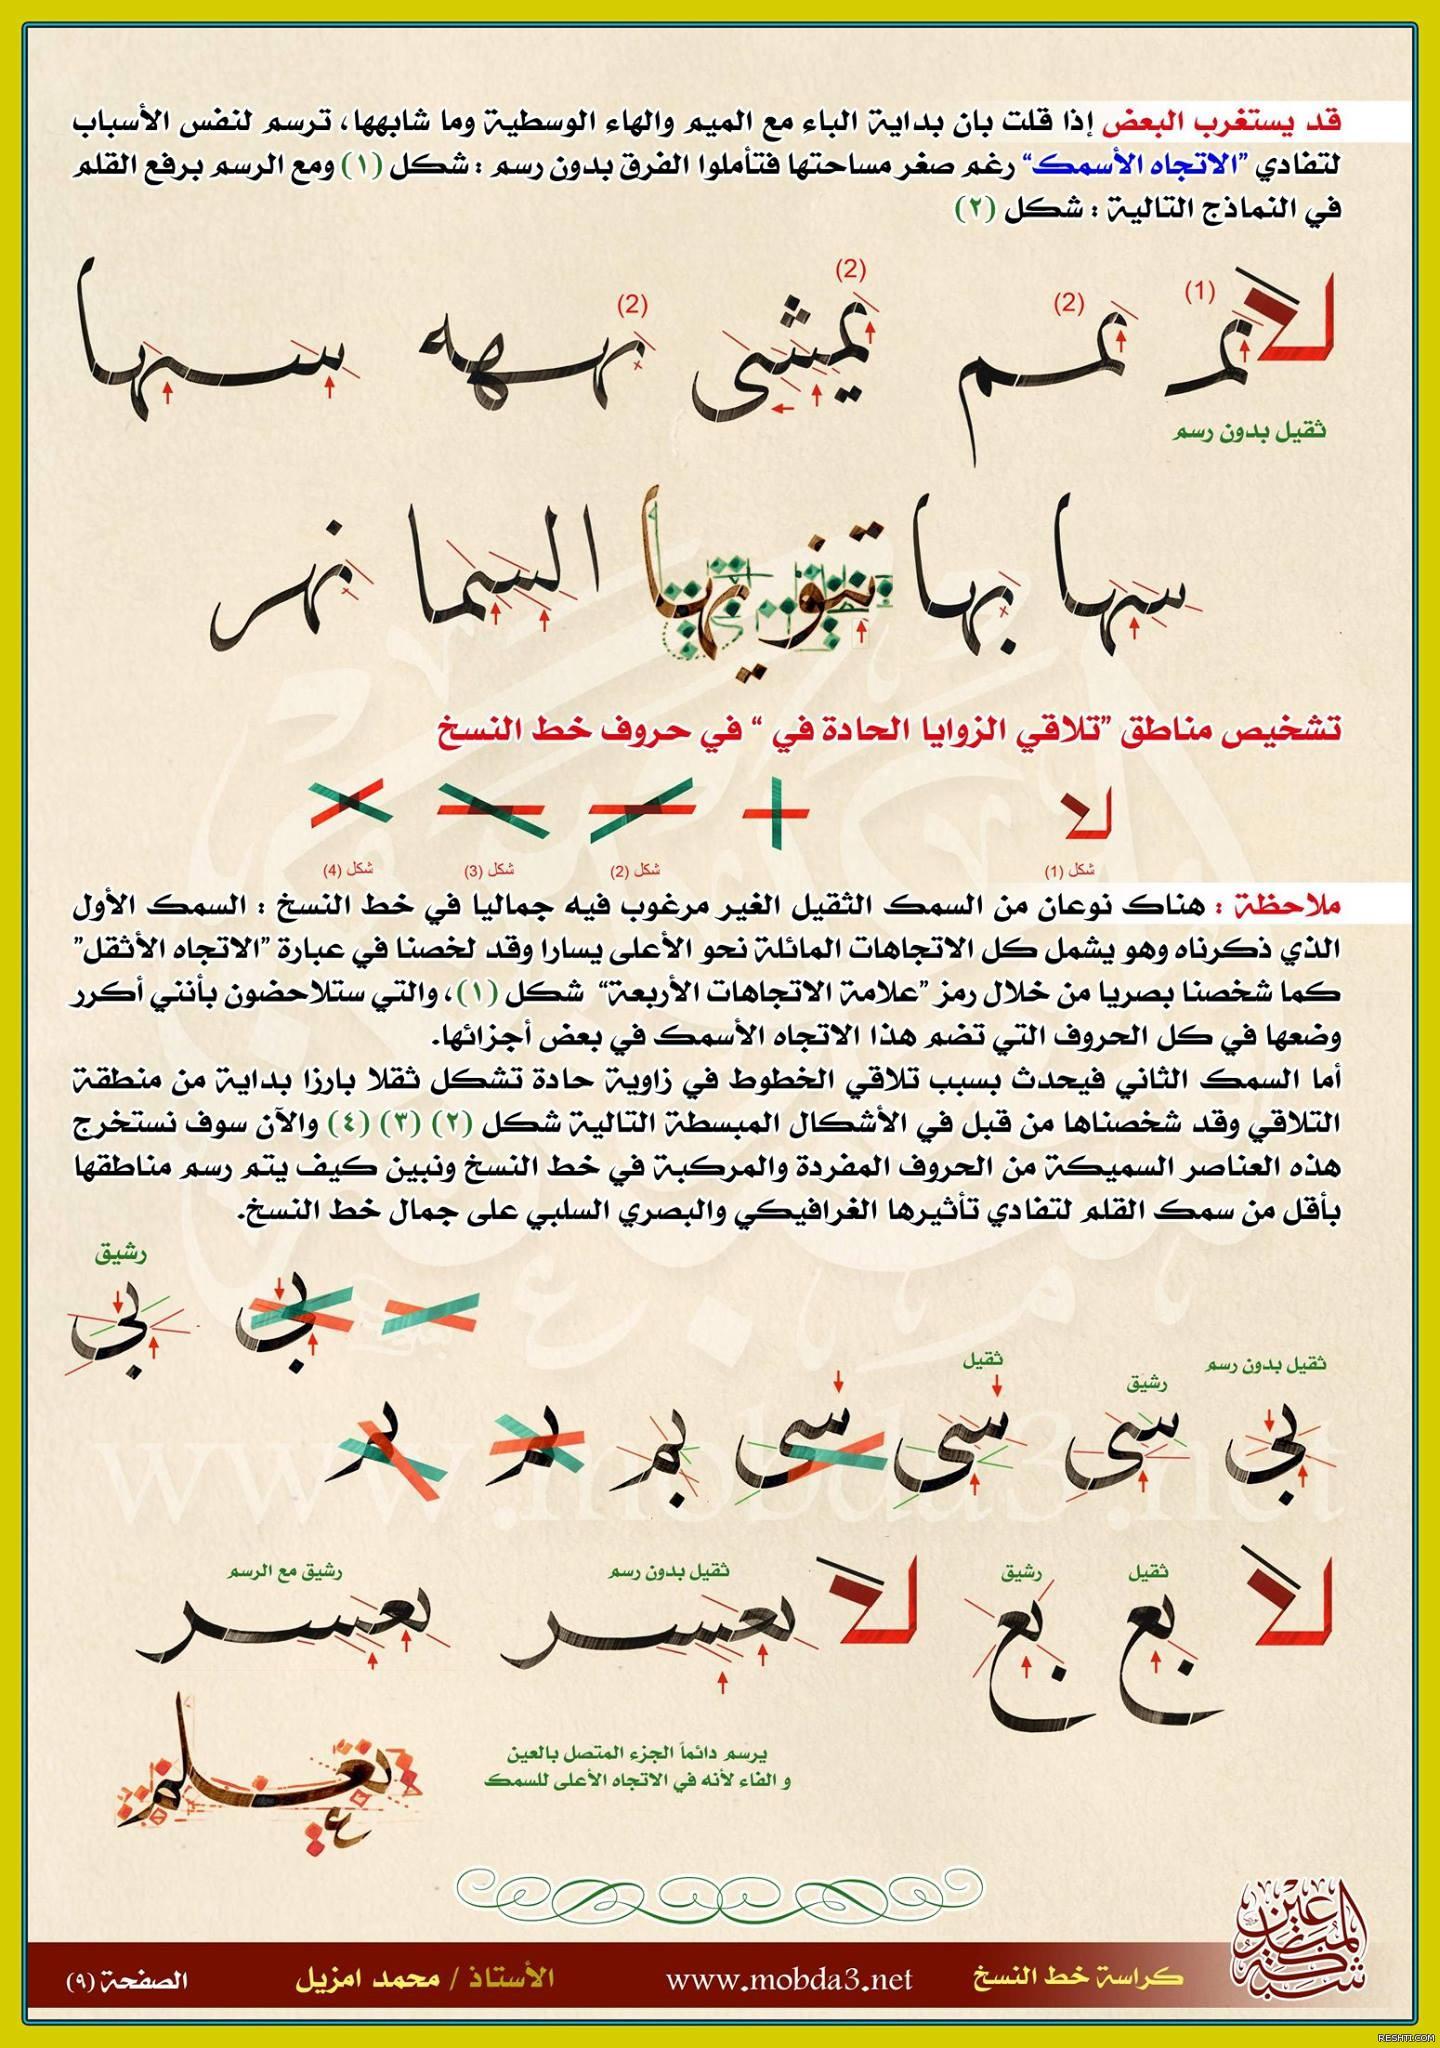 أسرار الرسم في خط النسخ - محمد أمزيل 2